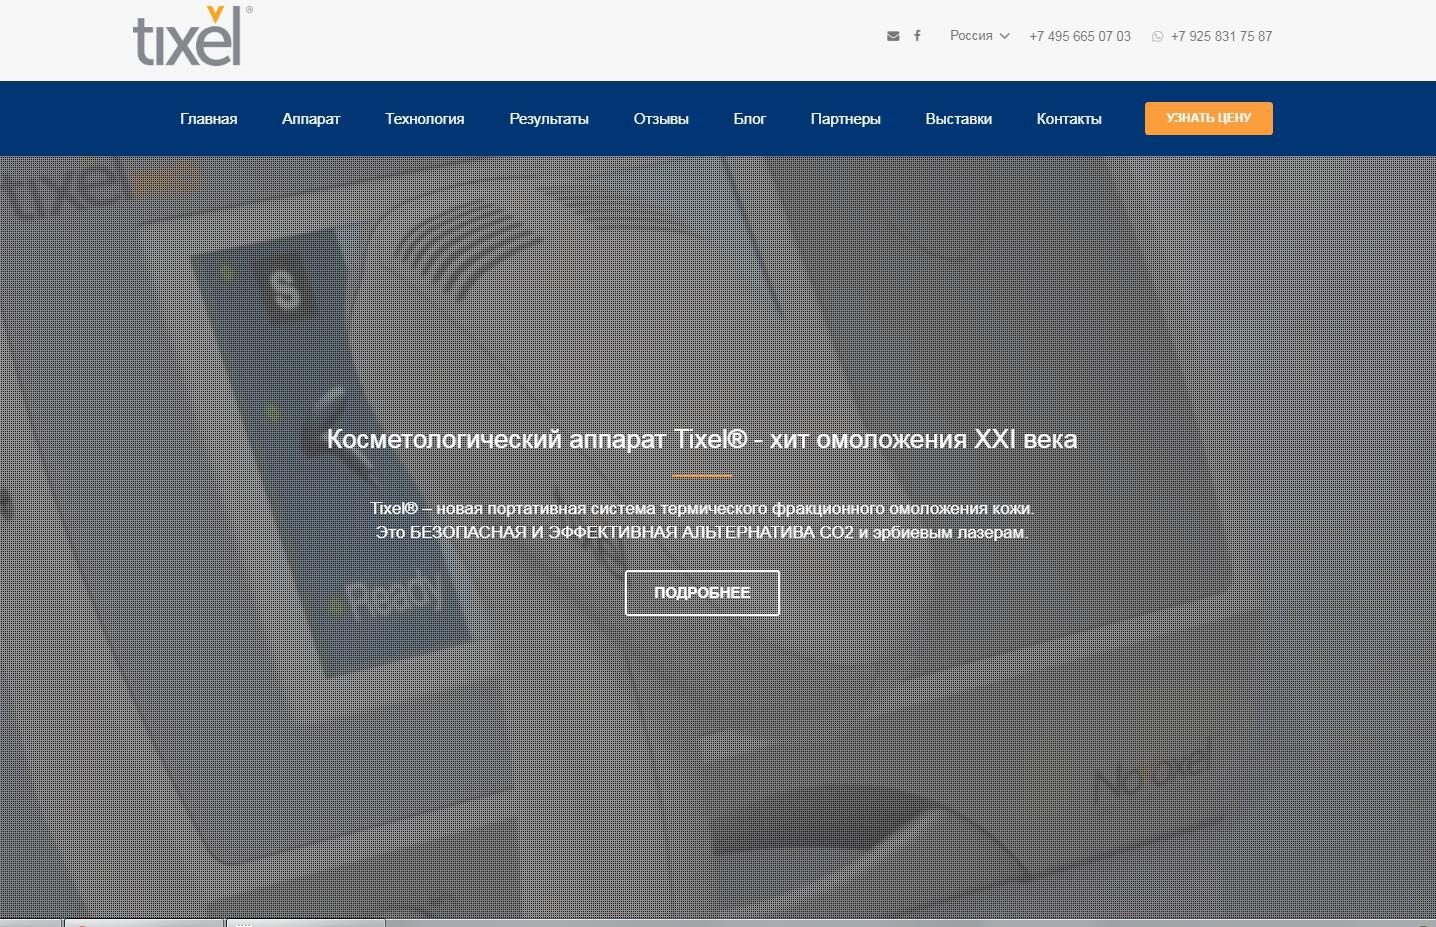 Tixel - сайт косметологического оборудования